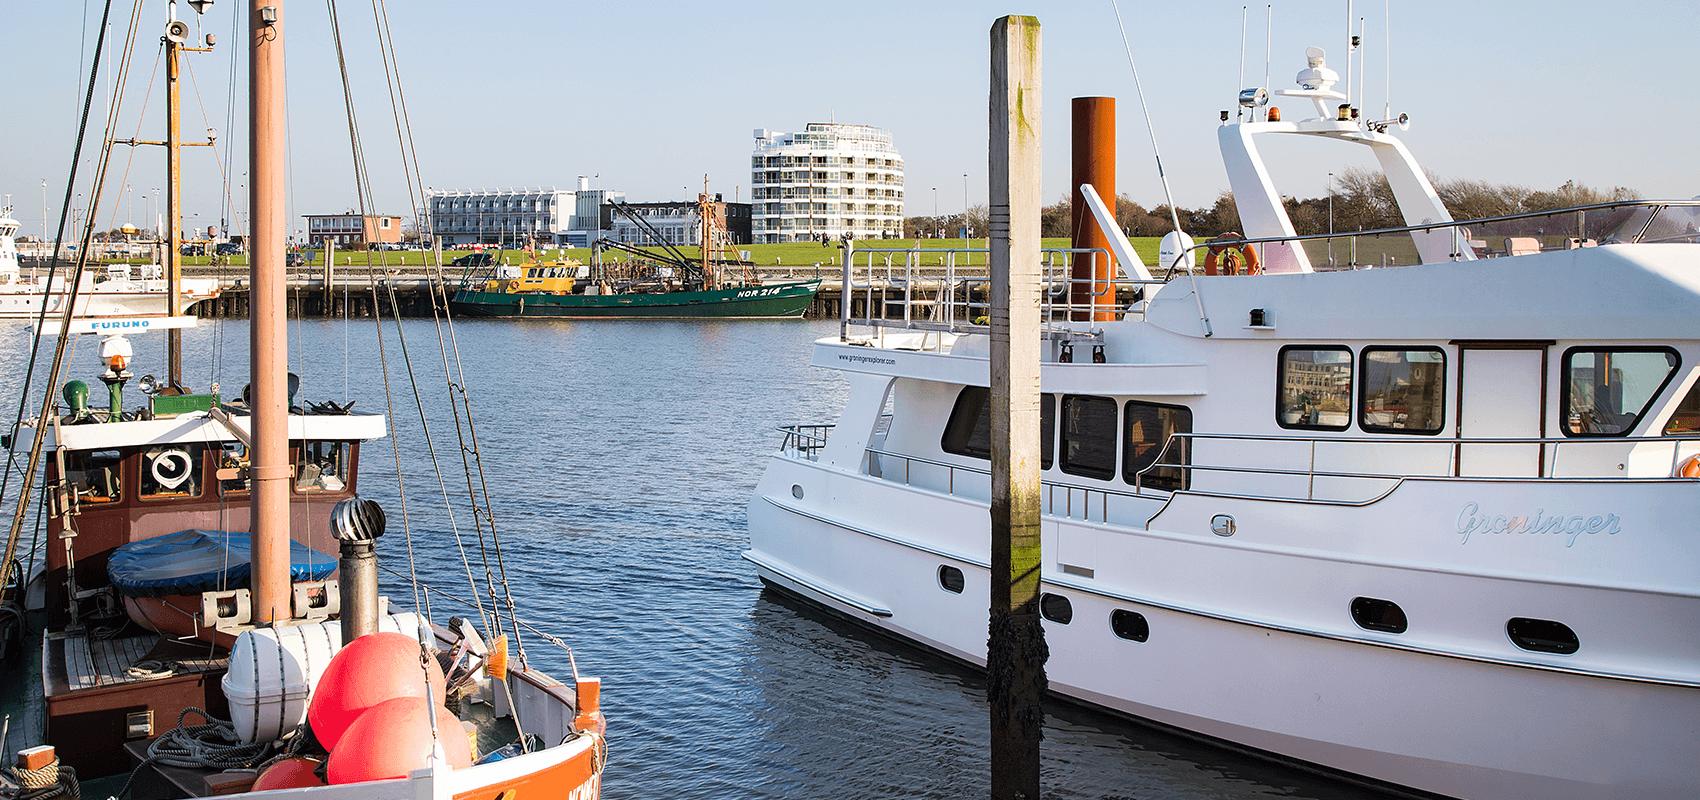 Blick vom Yachthafen über das Hafenbecken direkt auf das Fährhaus